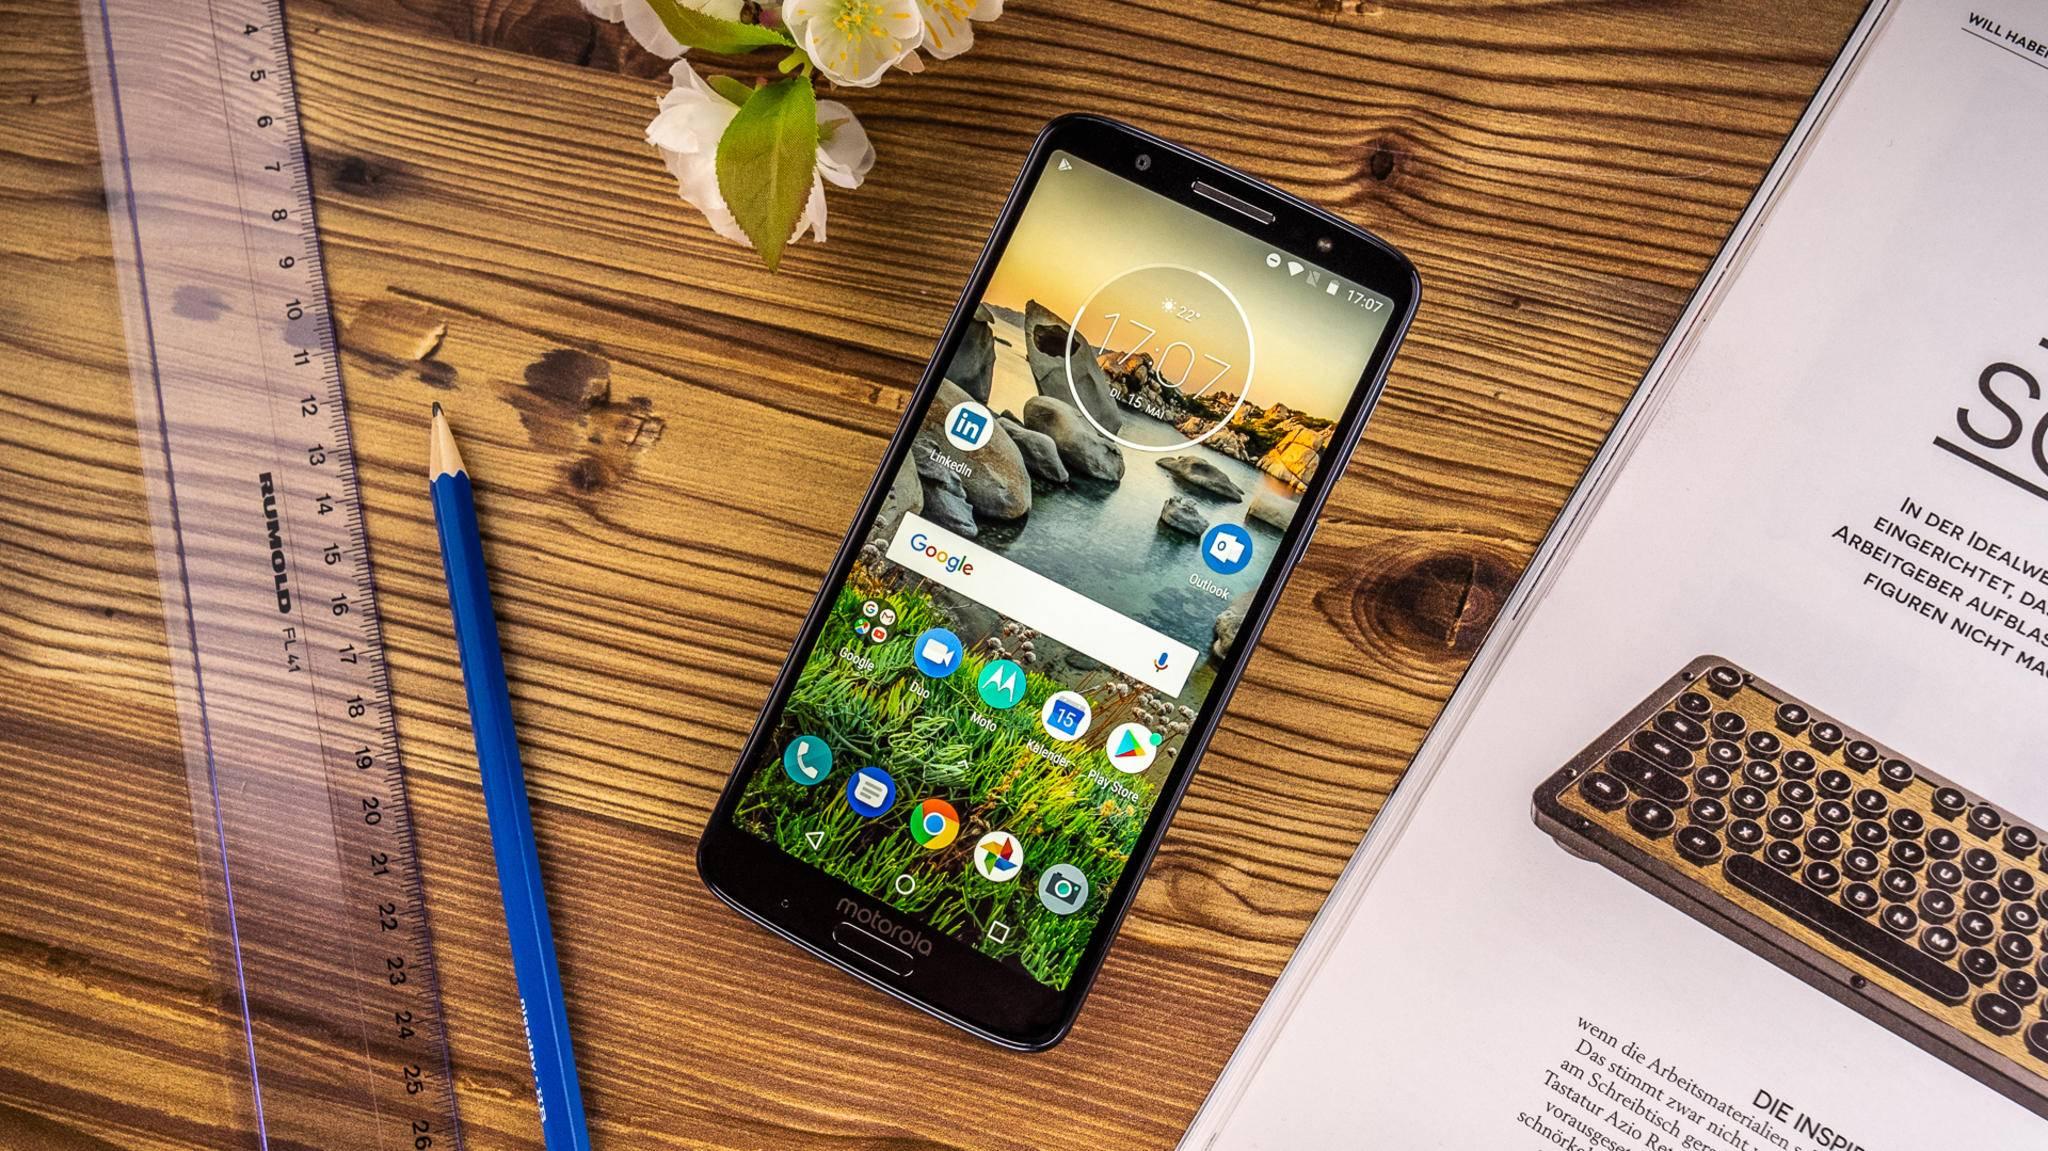 Das Moto G6 Plus bietet ein großes Display und eine gute Performance.